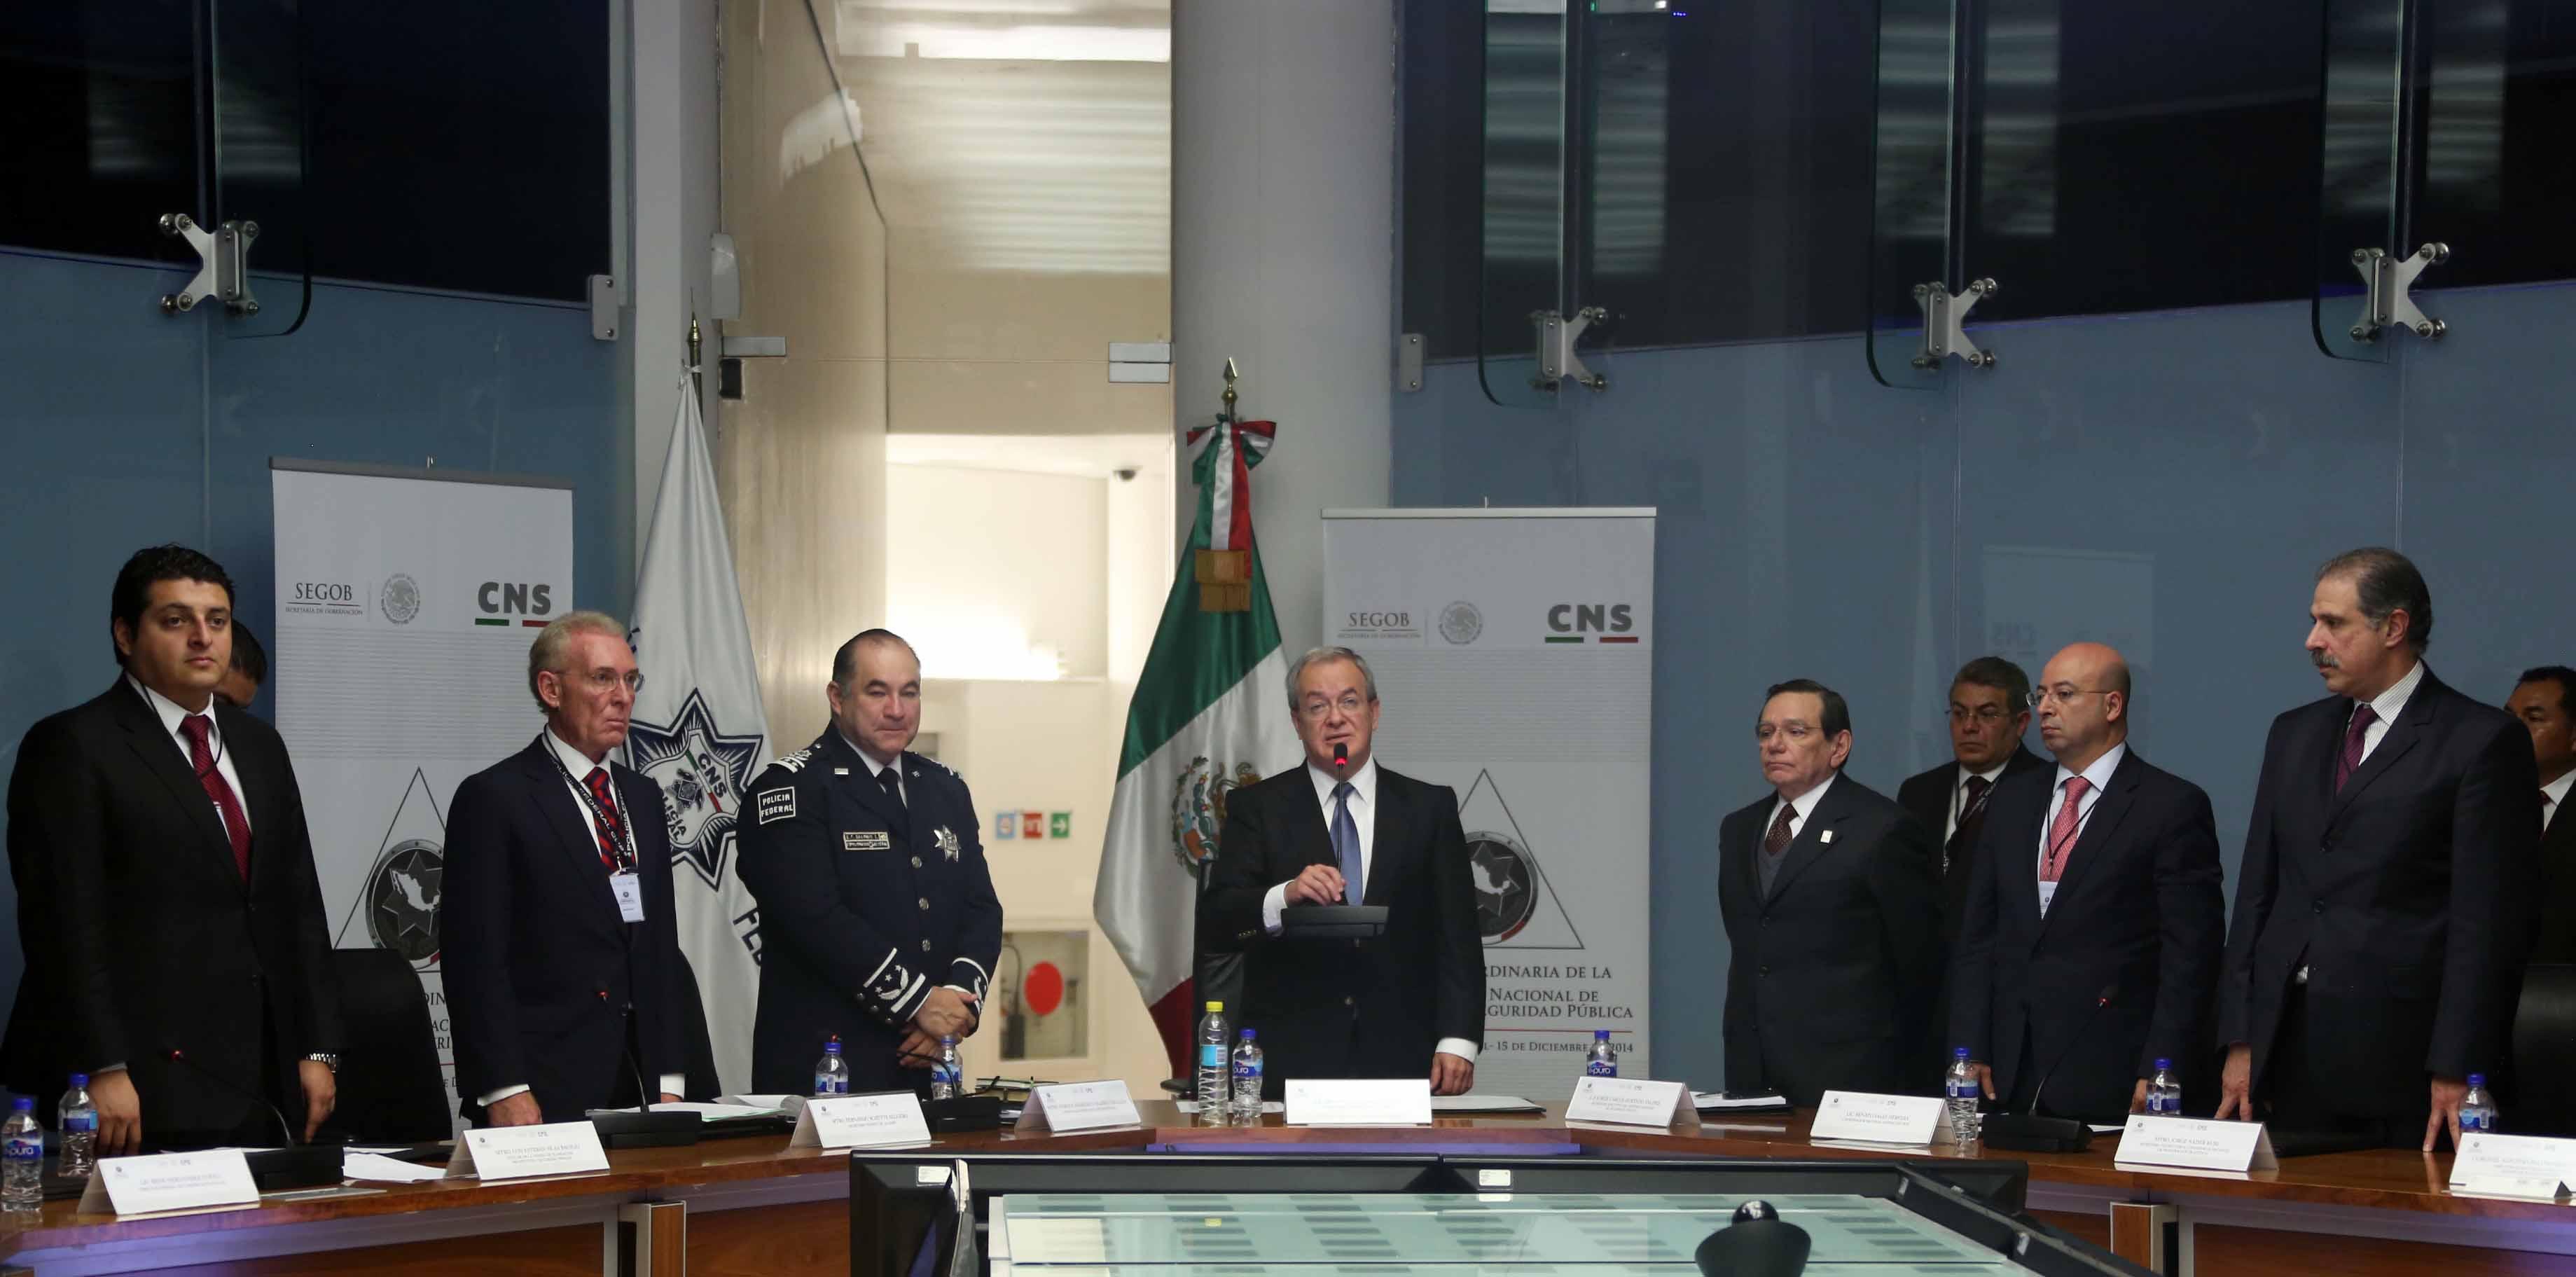 En la inauguración fue en las instalaciones de la Comisión Nacional de Seguridad, la Conferencia reunió a los responsables de la seguridad pública de los 31 estados y el Distrito Federal